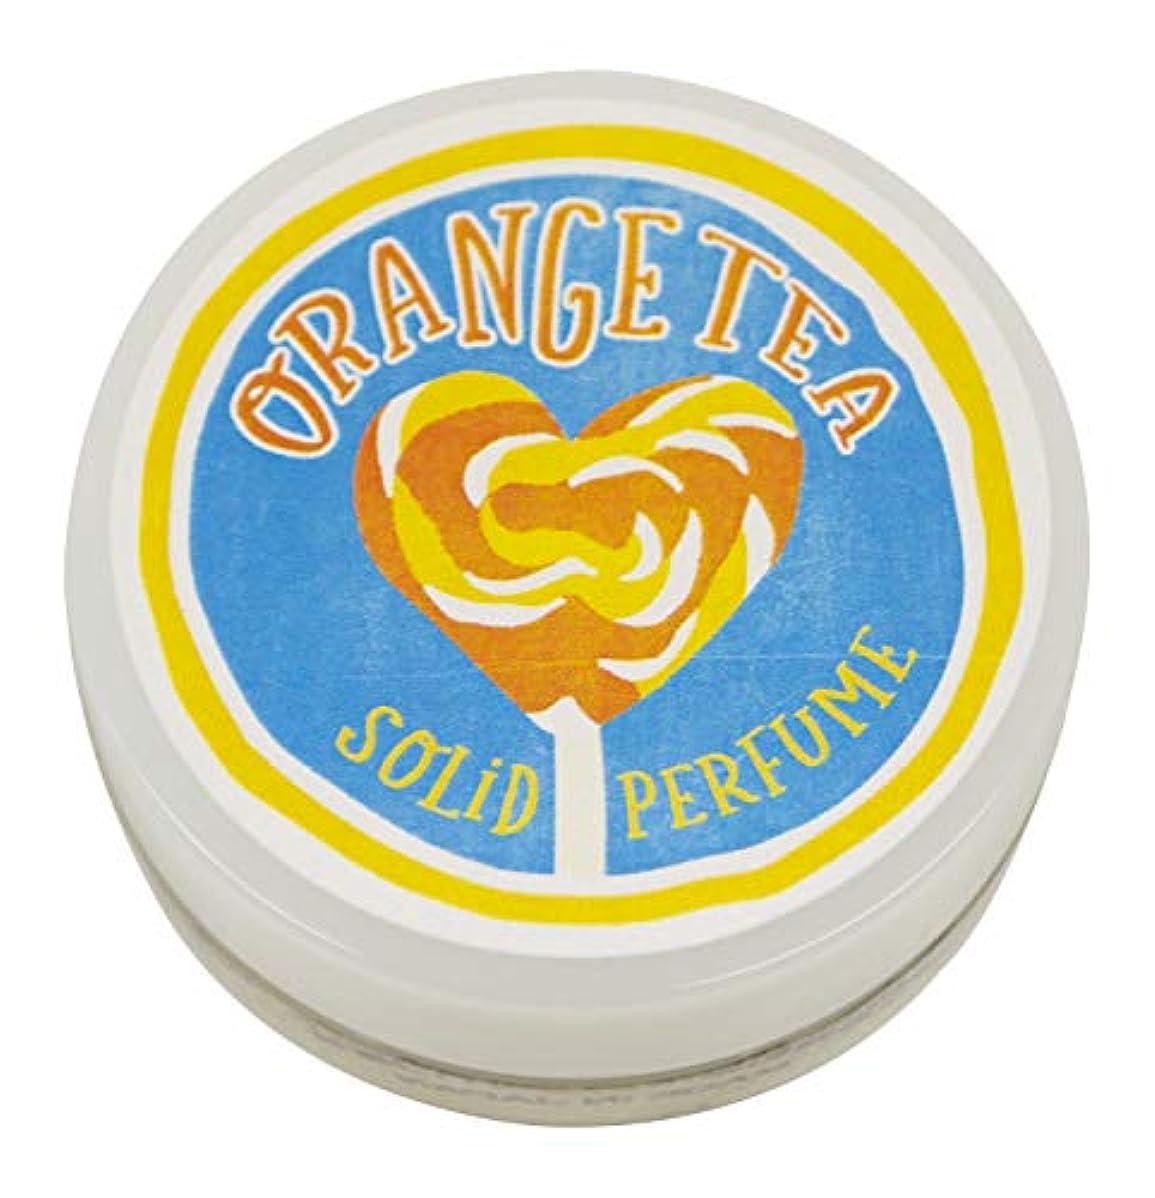 建築オン気候の山コトラボ 練り香水 8g オレンジティー